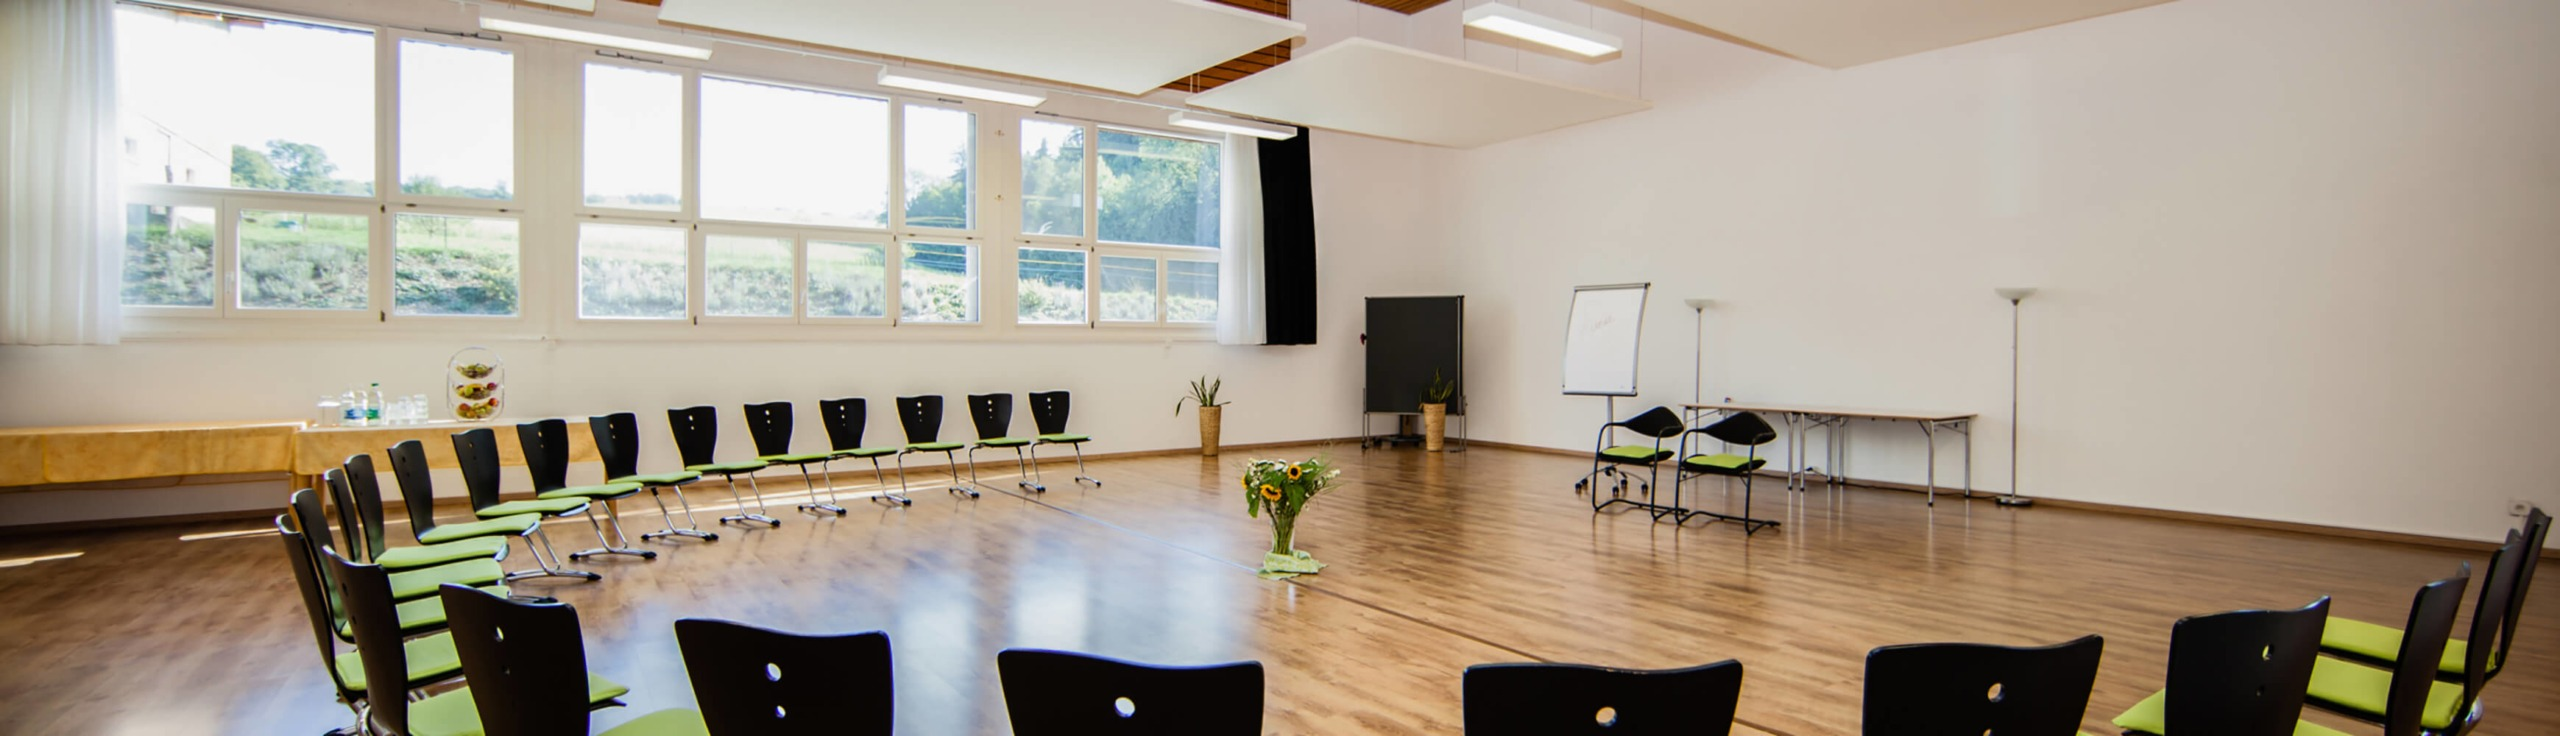 Seminarräume_Chlotisberg_Balance-Kreisbestuhlung 12/Seminarräume_Chlotisberg_Balance-Kreisbestuhlung